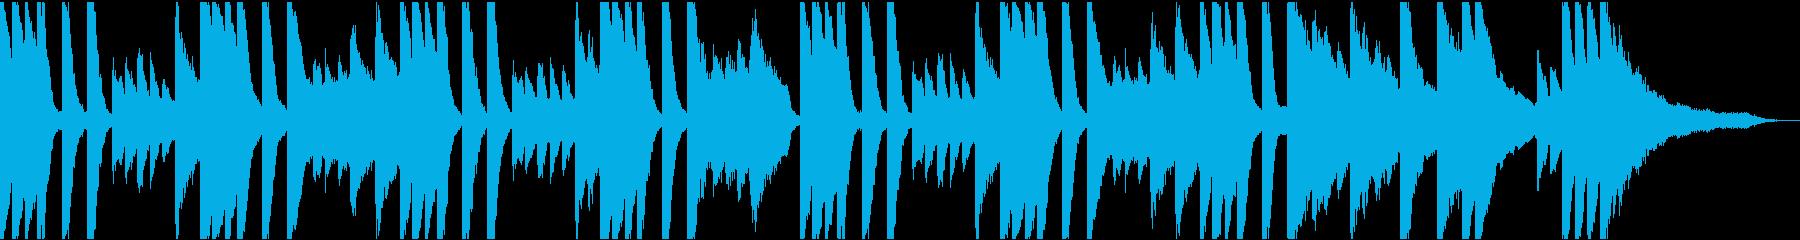 【ほのぼの系】30秒ジングル【映像】の再生済みの波形